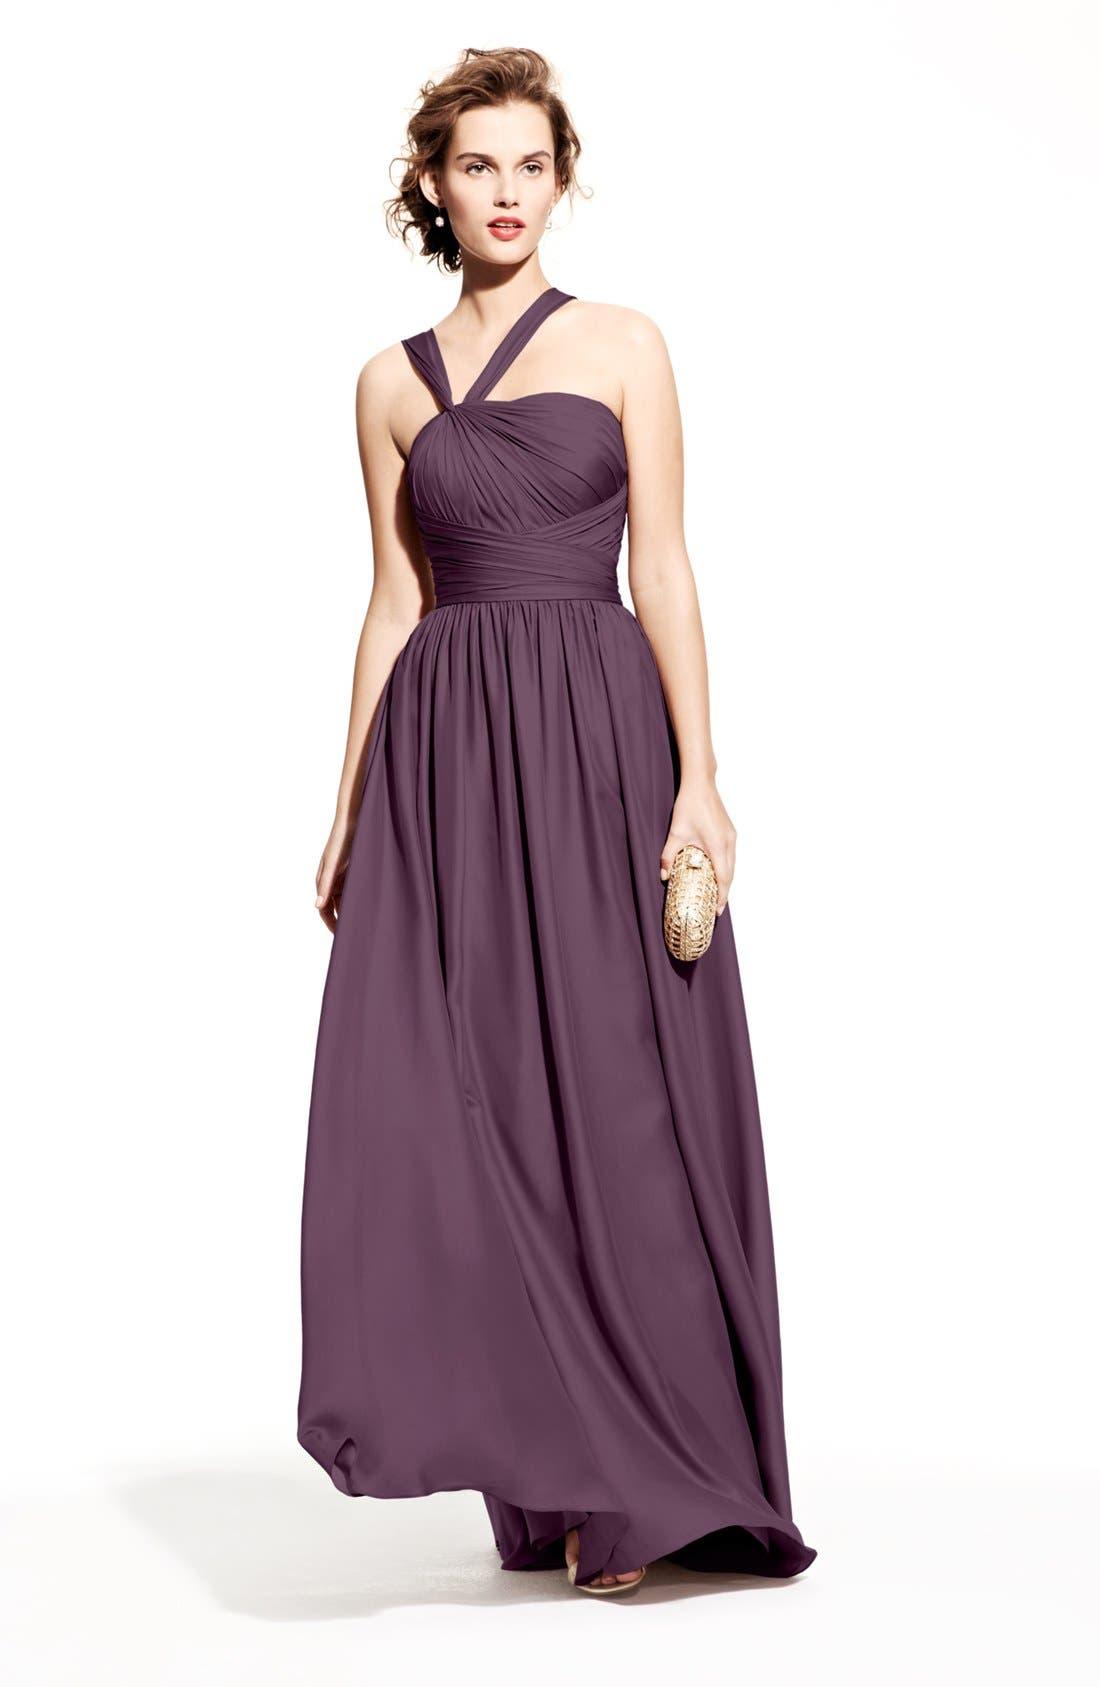 Main Image - ML Monique Lhuillier Bridesmaids Chiffon Dress & Accessories